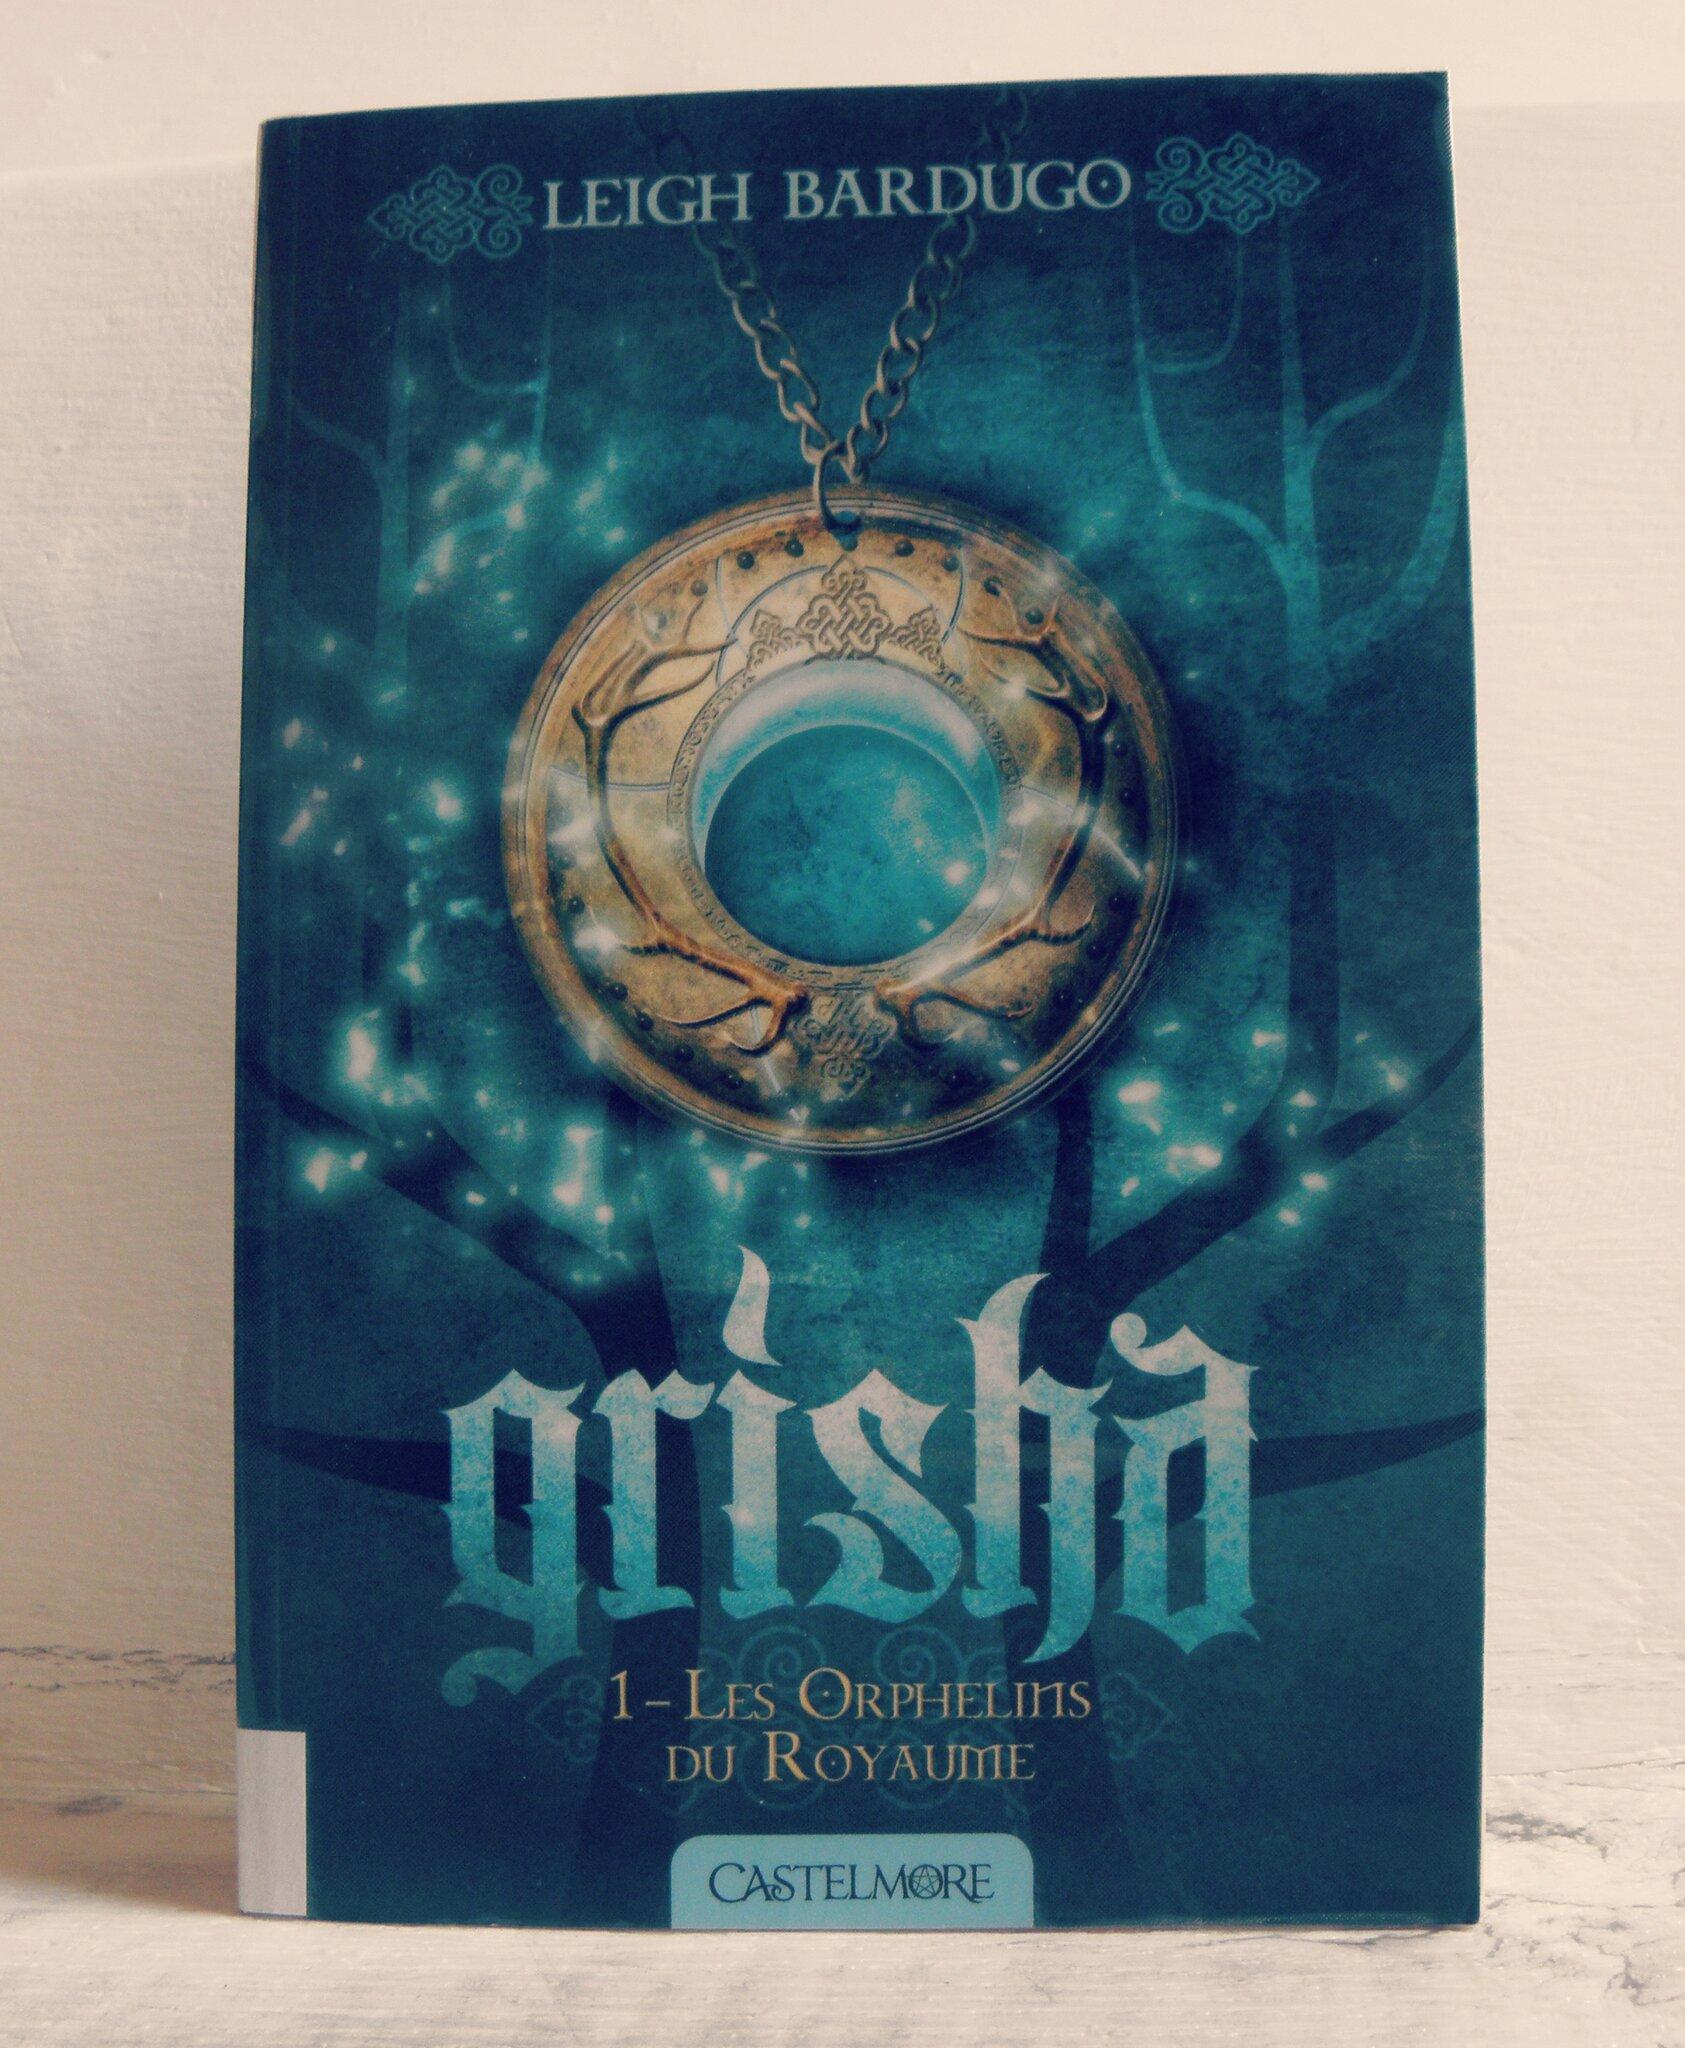 Les Orphelins Du Royaume: Grisha : orphelins, royaume:, grisha, Grisha, Orphelins, Royaume,, Leigh, Bardugo